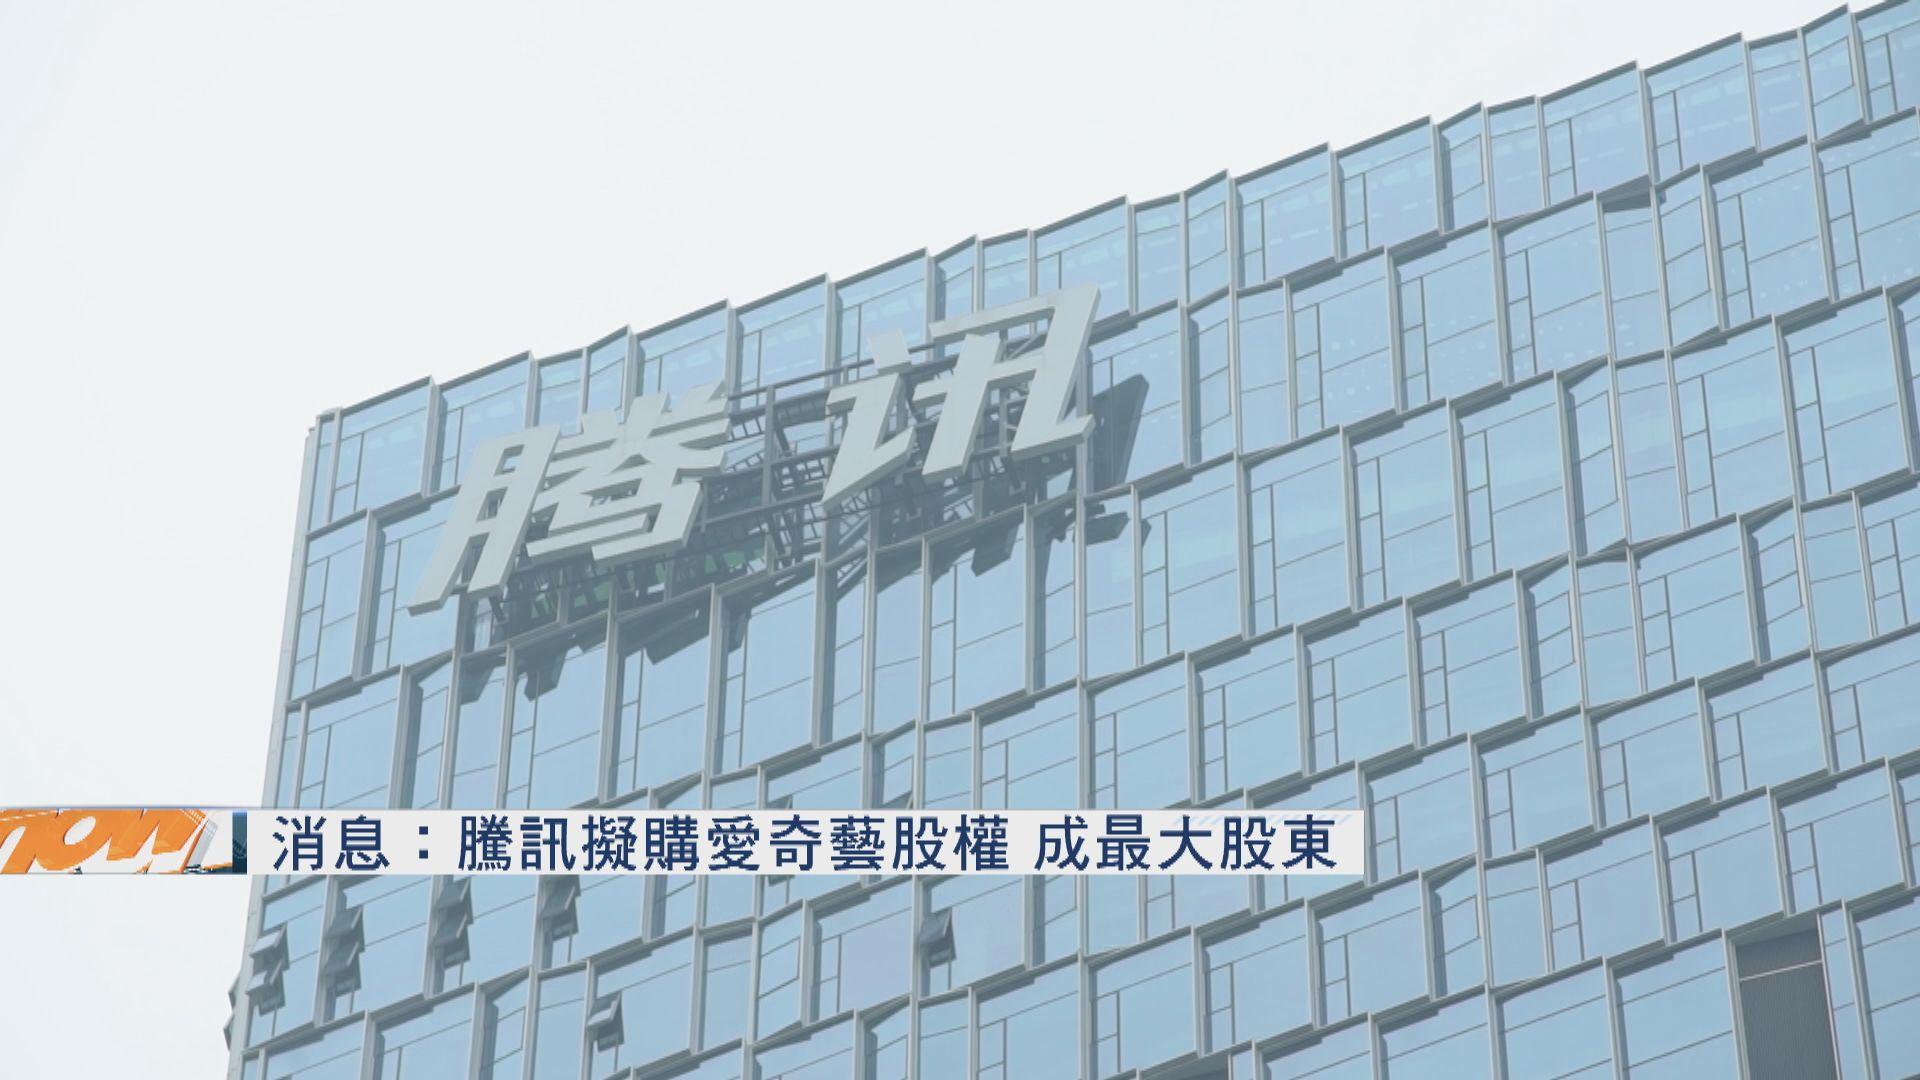 傳騰訊擬購愛奇藝股權 冀成最大股東